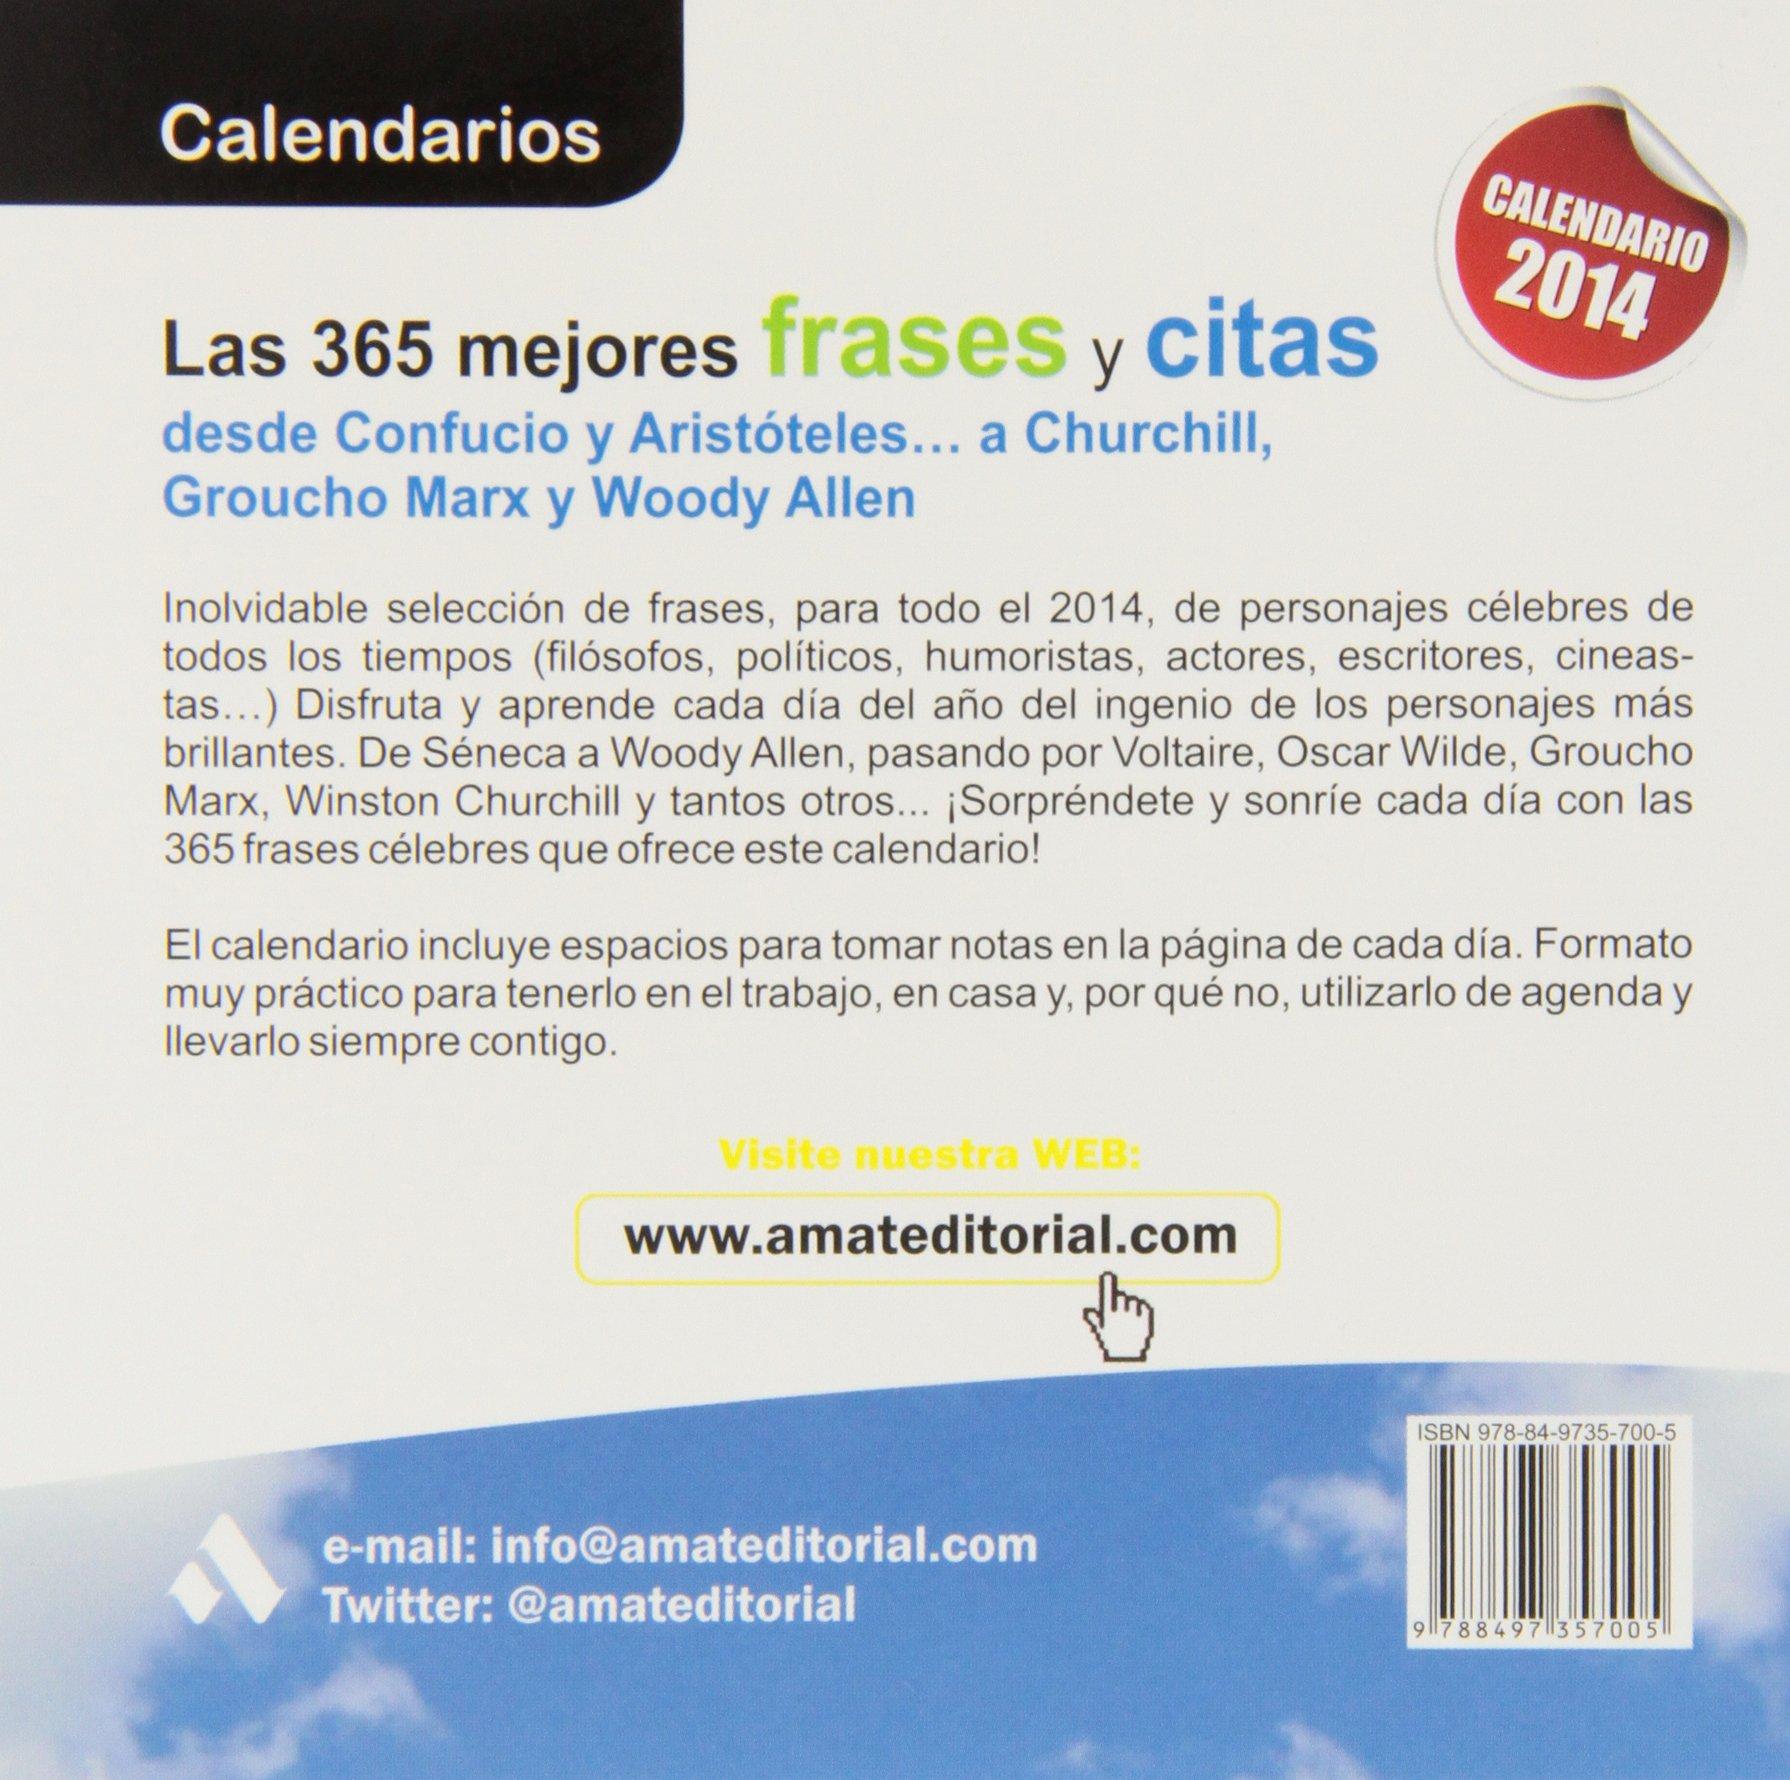 LAS 365 MEJORES FRASES Y CITAS: DESDE CONFUCIO Y ARISTOTELES ...